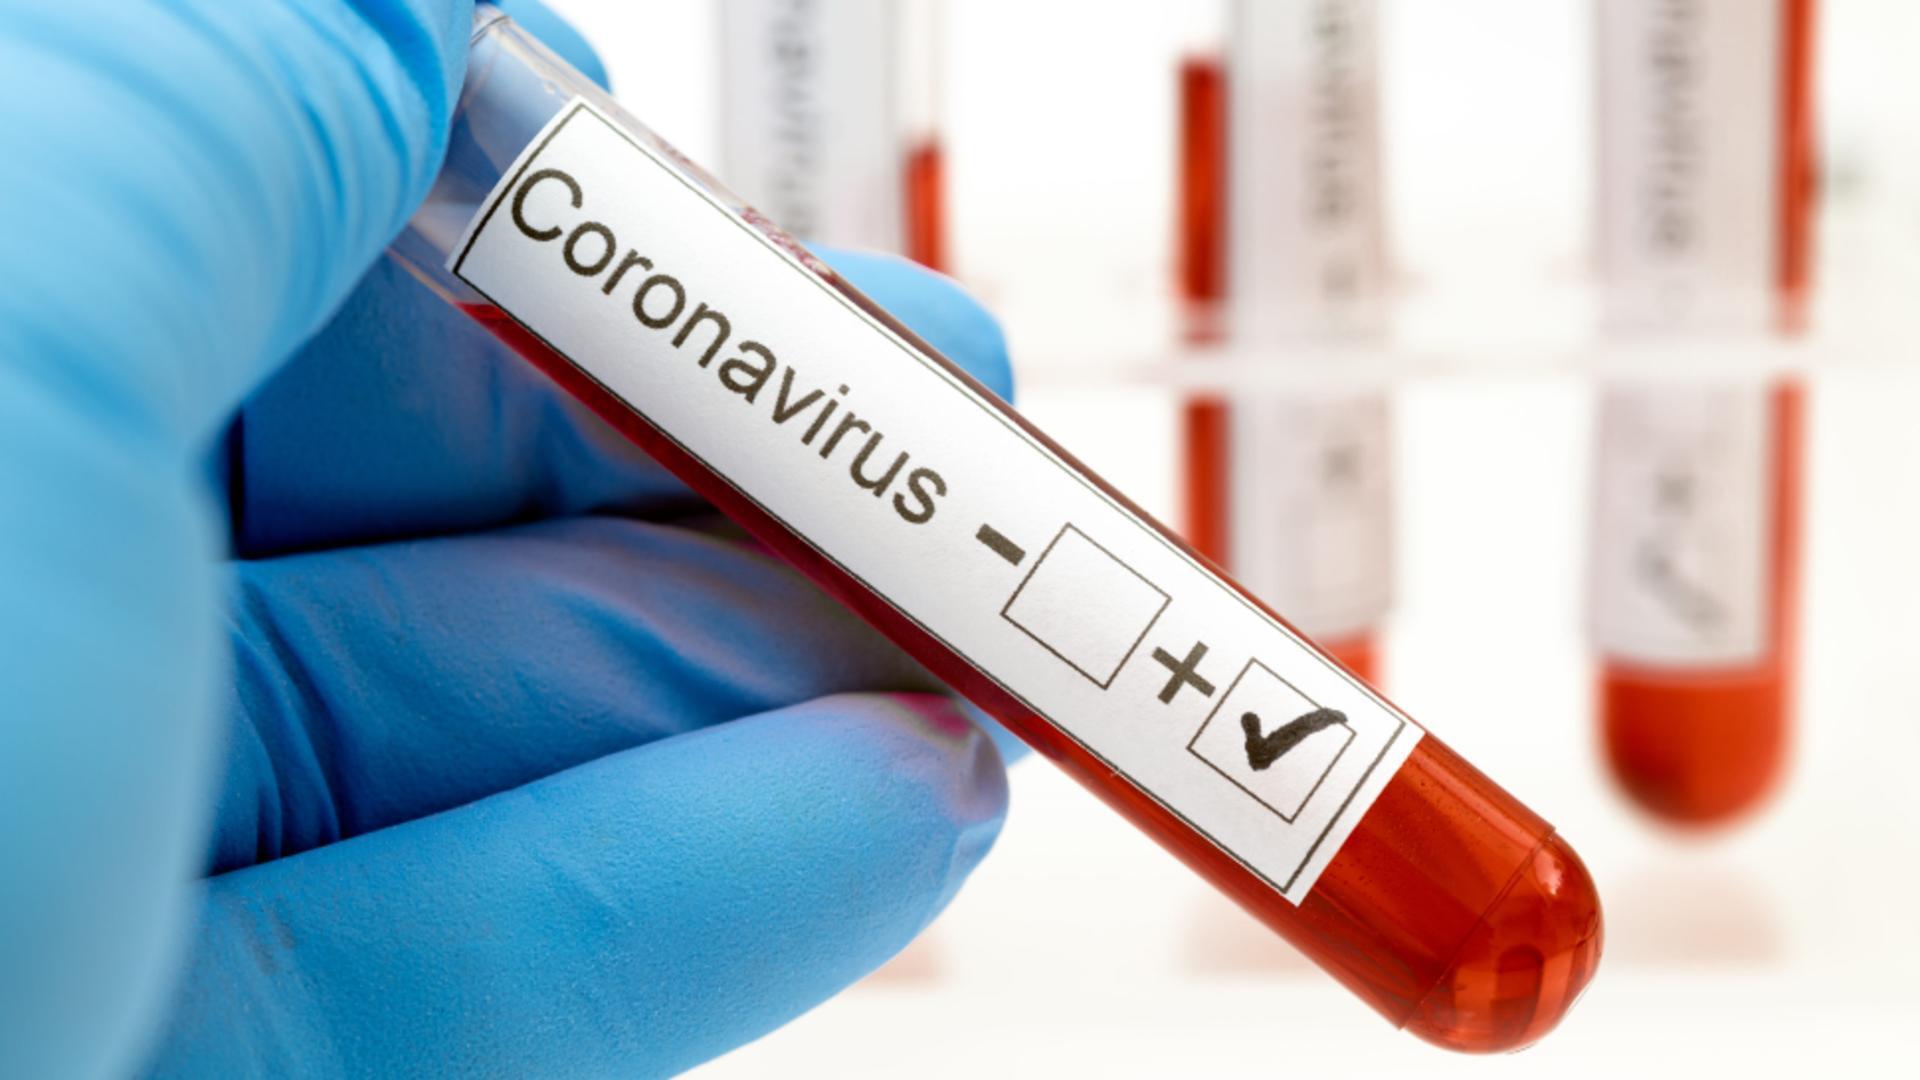 Vești bune de la Comisia Europeană: A apărut un nou tratament pentru COVID